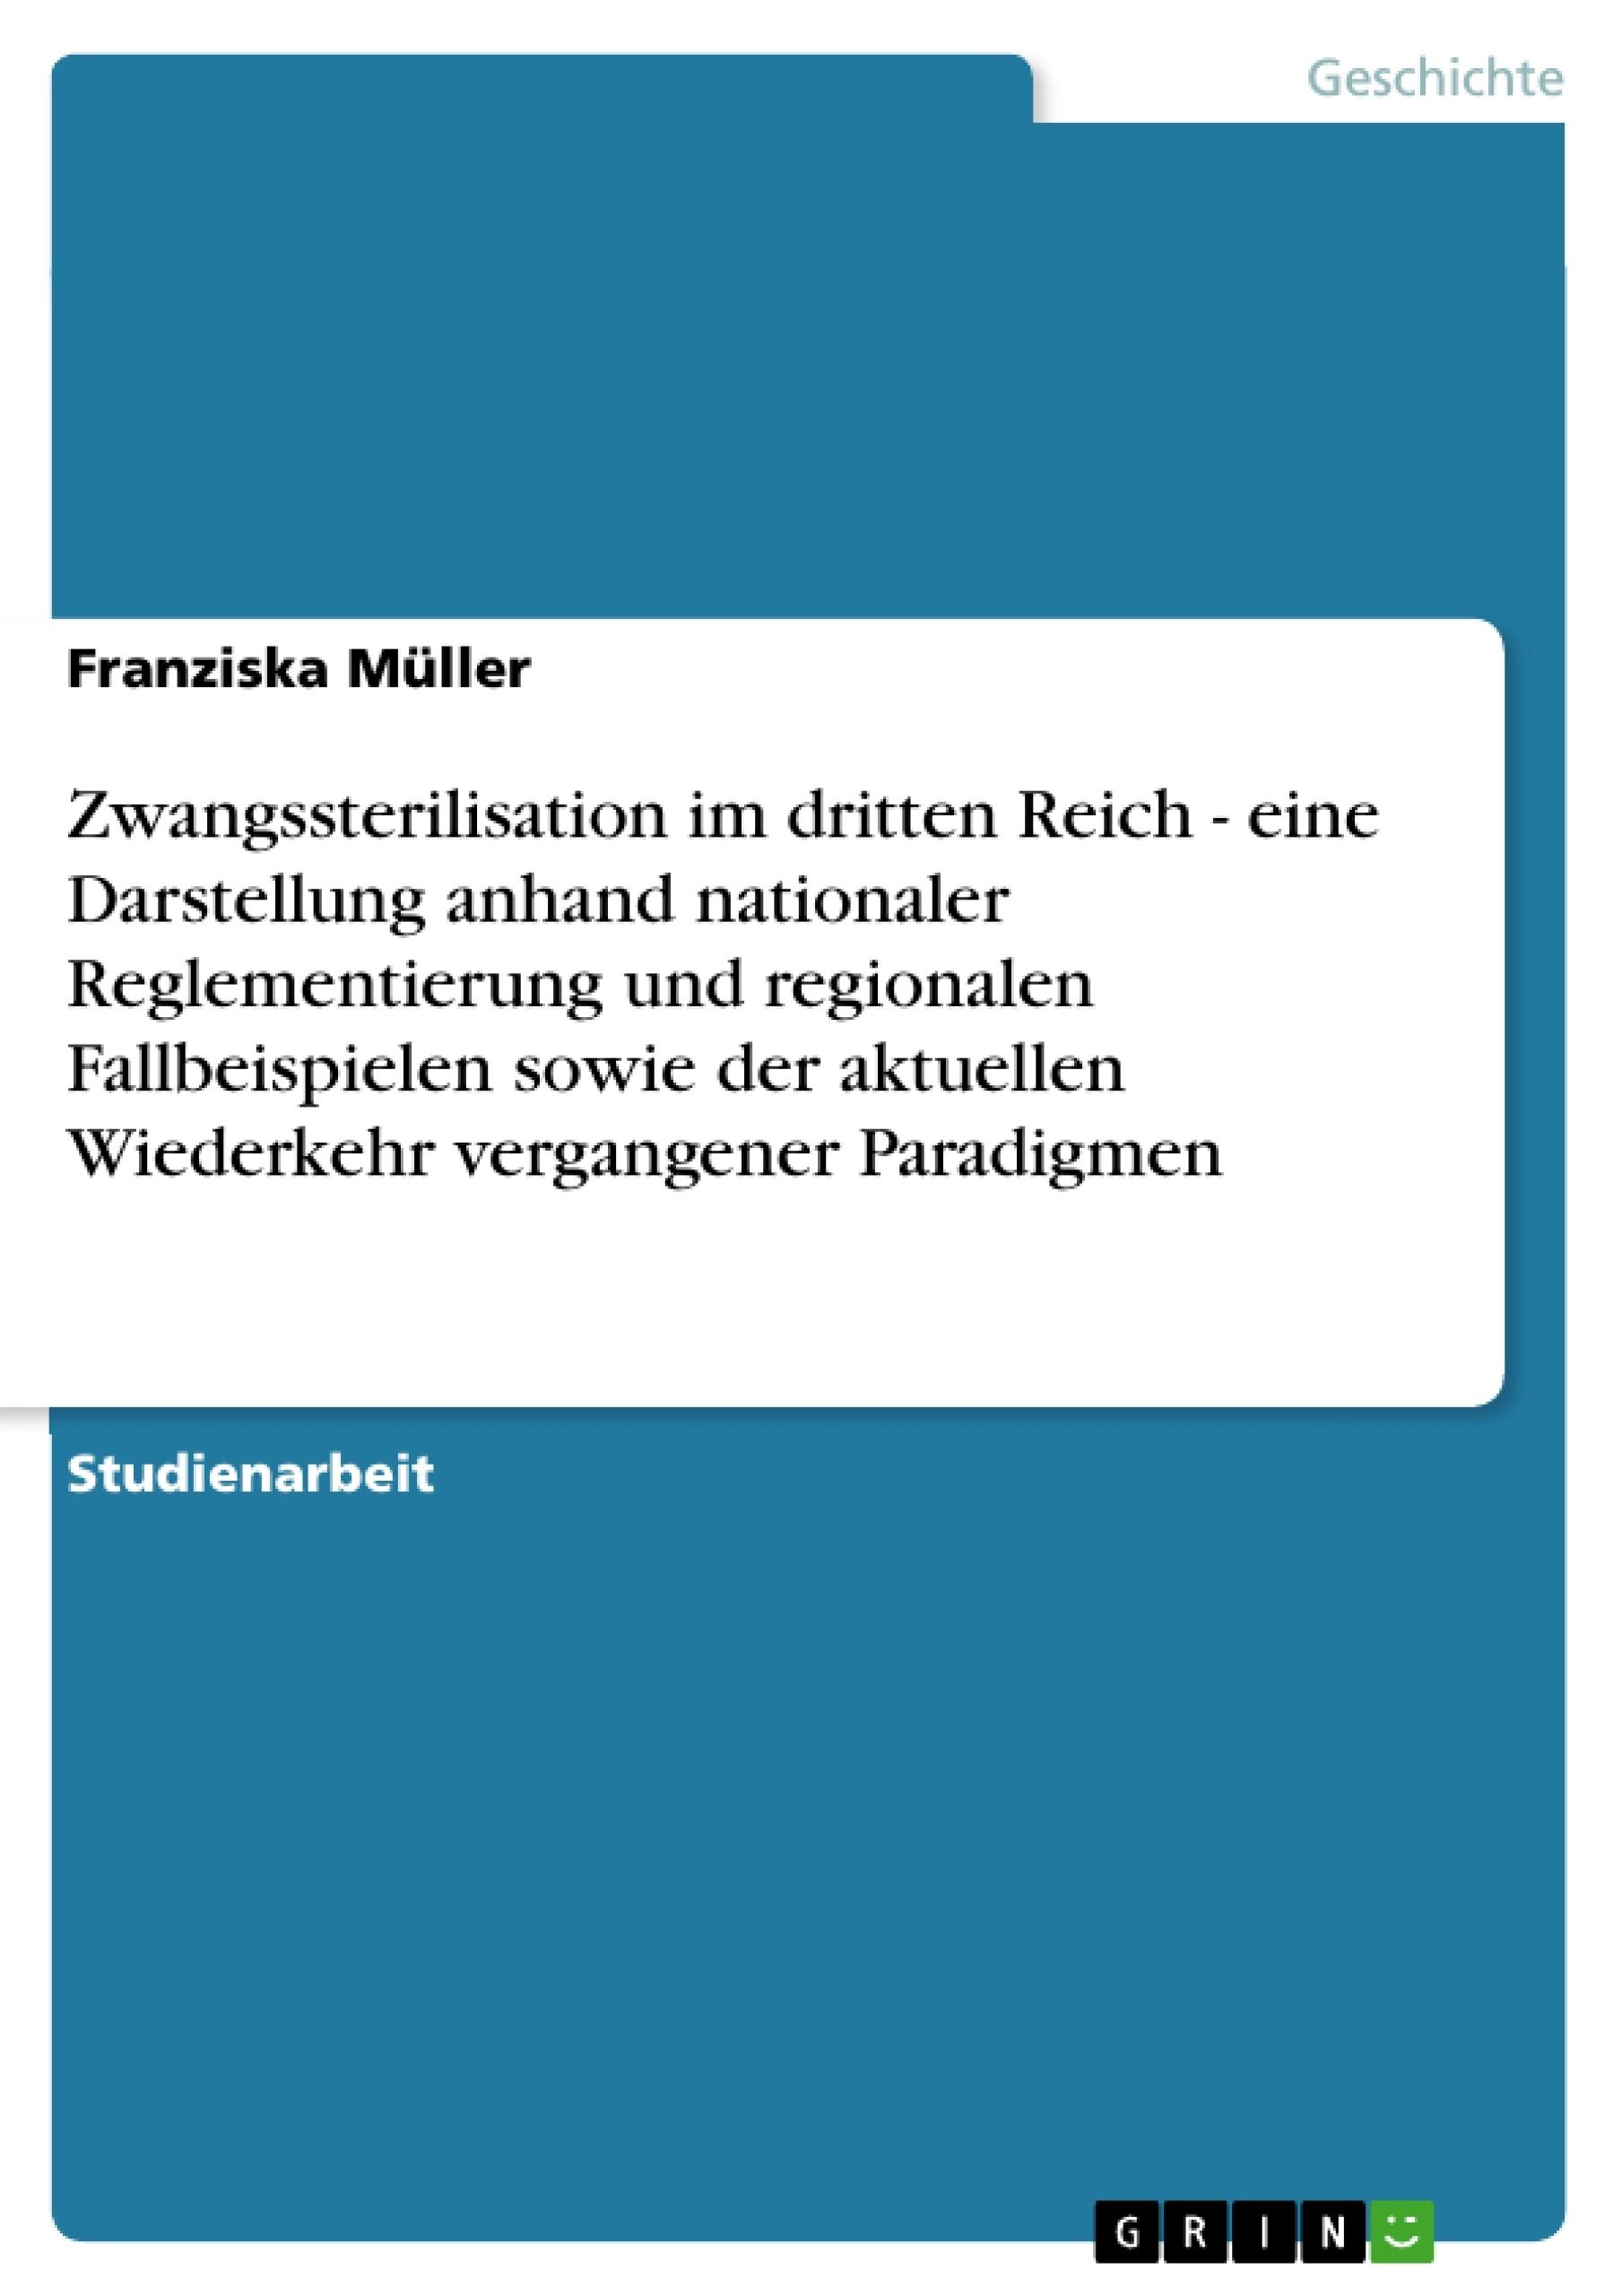 Titel: Zwangssterilisation im dritten Reich - eine Darstellung anhand nationaler Reglementierung und regionalen Fallbeispielen sowie der aktuellen Wiederkehr vergangener Paradigmen